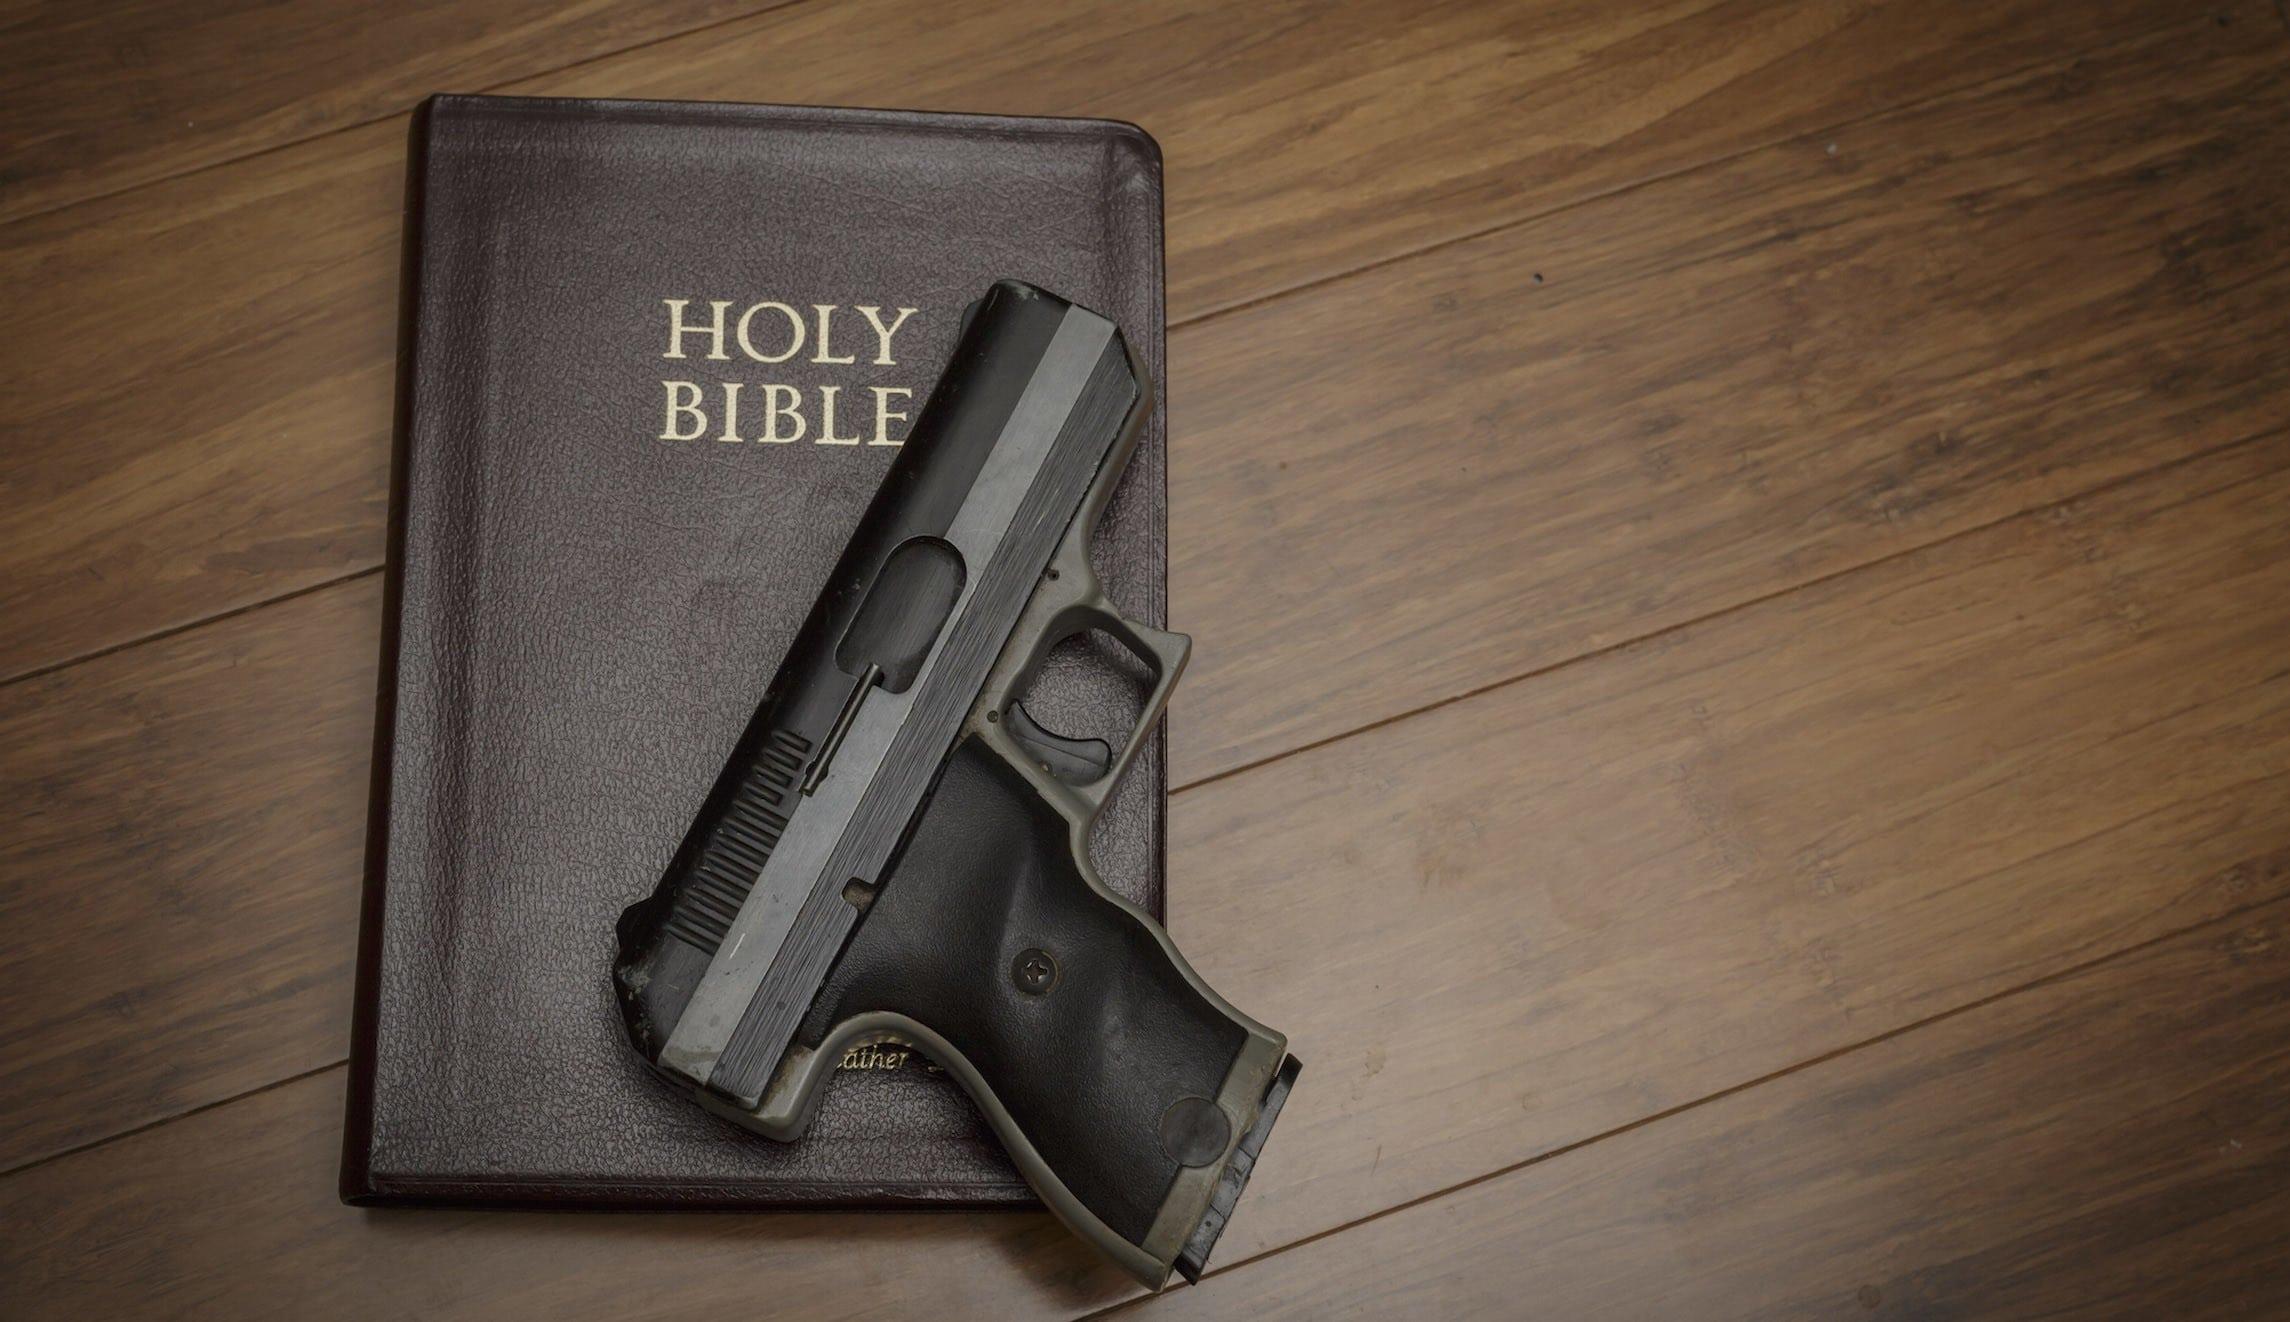 Os adventistas e a posse e porte de armas